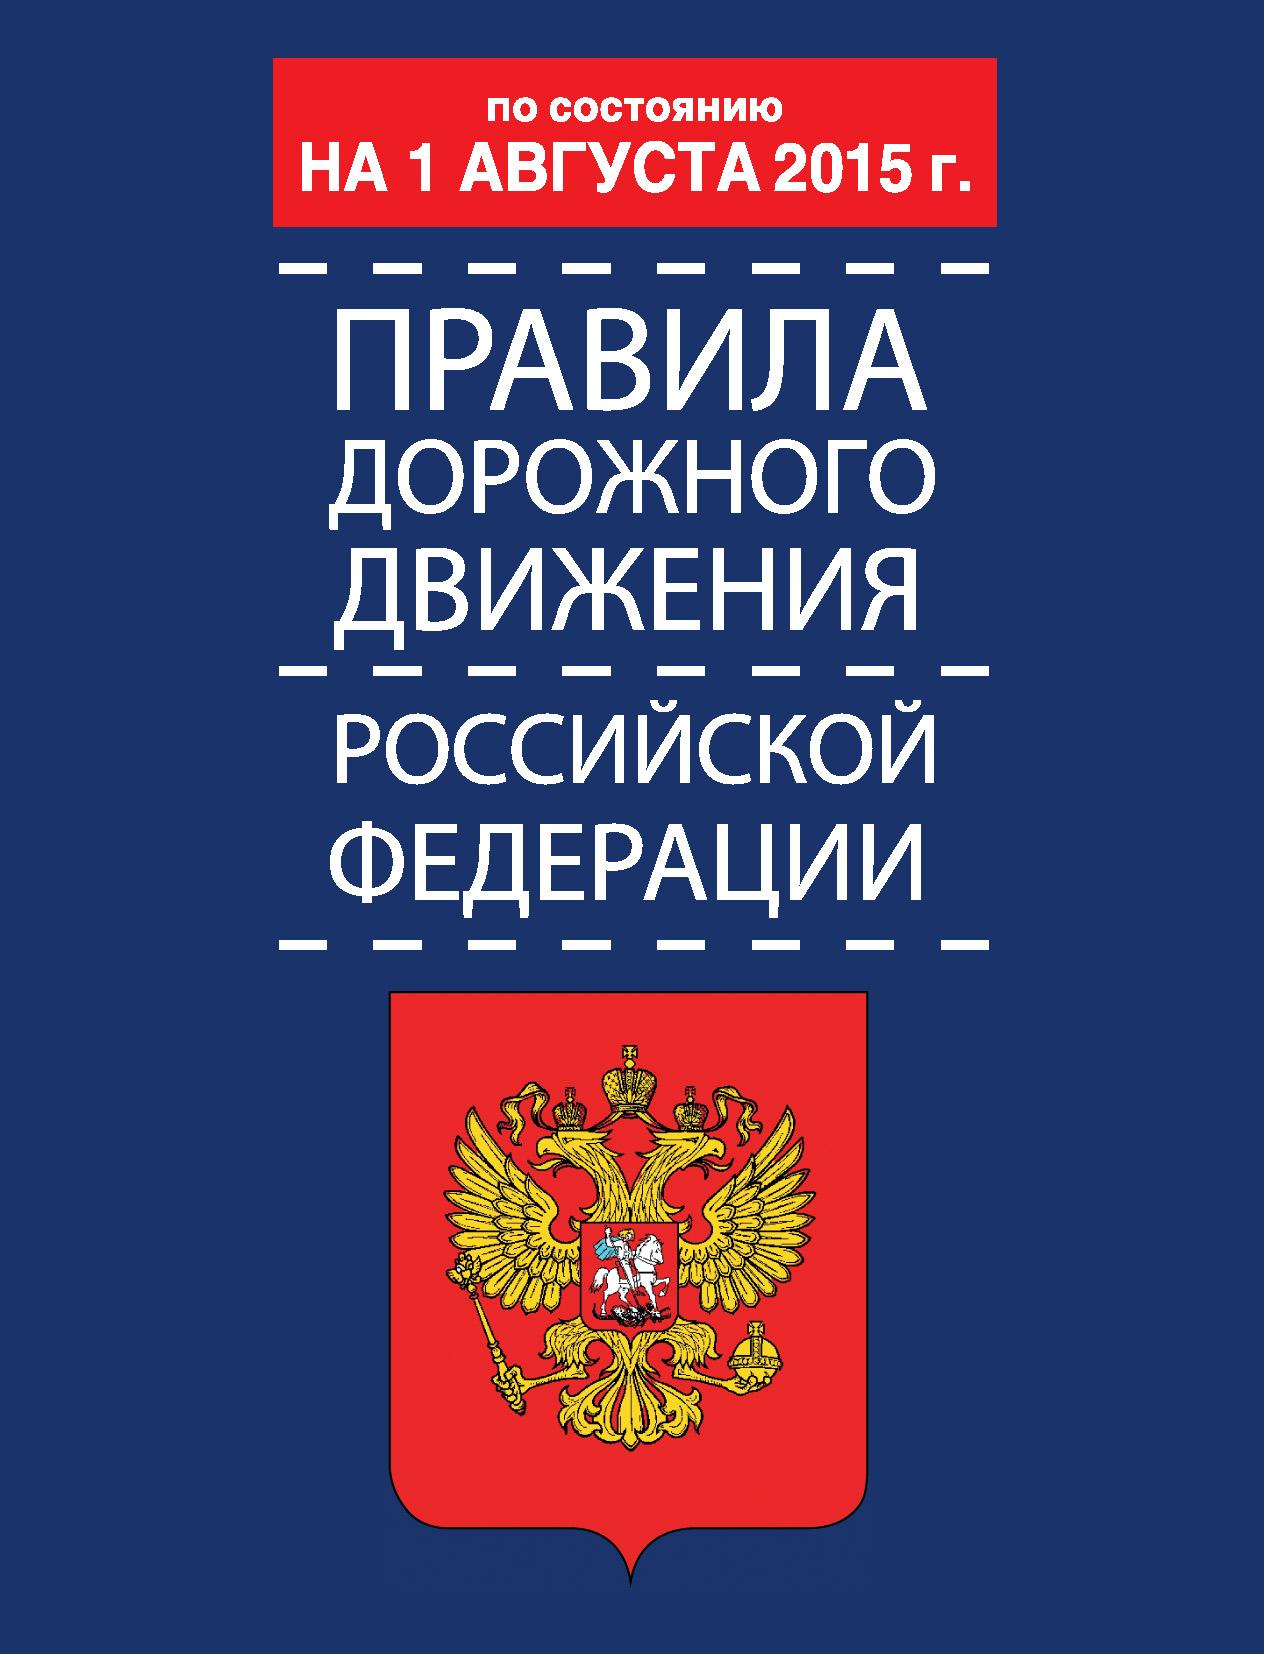 все цены на Отсутствует Правила дорожного движения Российской Федерации по состоянию 1 августа 2015 г. онлайн